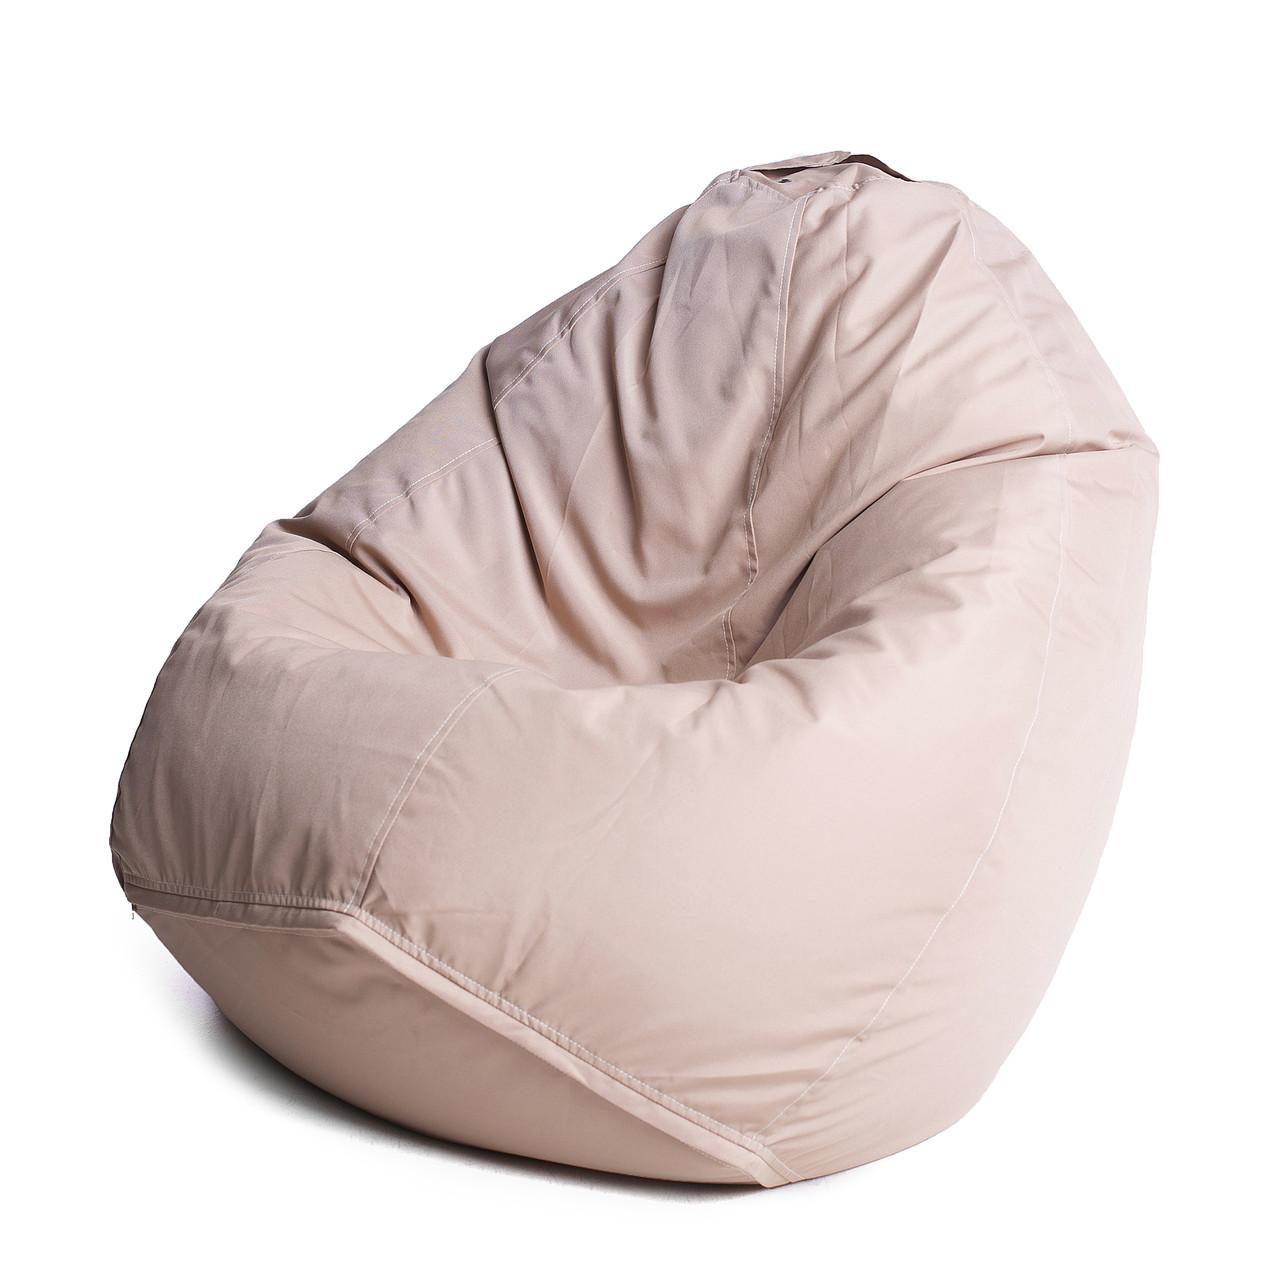 Кресло мешок груша с внутренним чехлом | Ткань Oxford XL (Высота 110 см, ширина 80 см), Бежевый